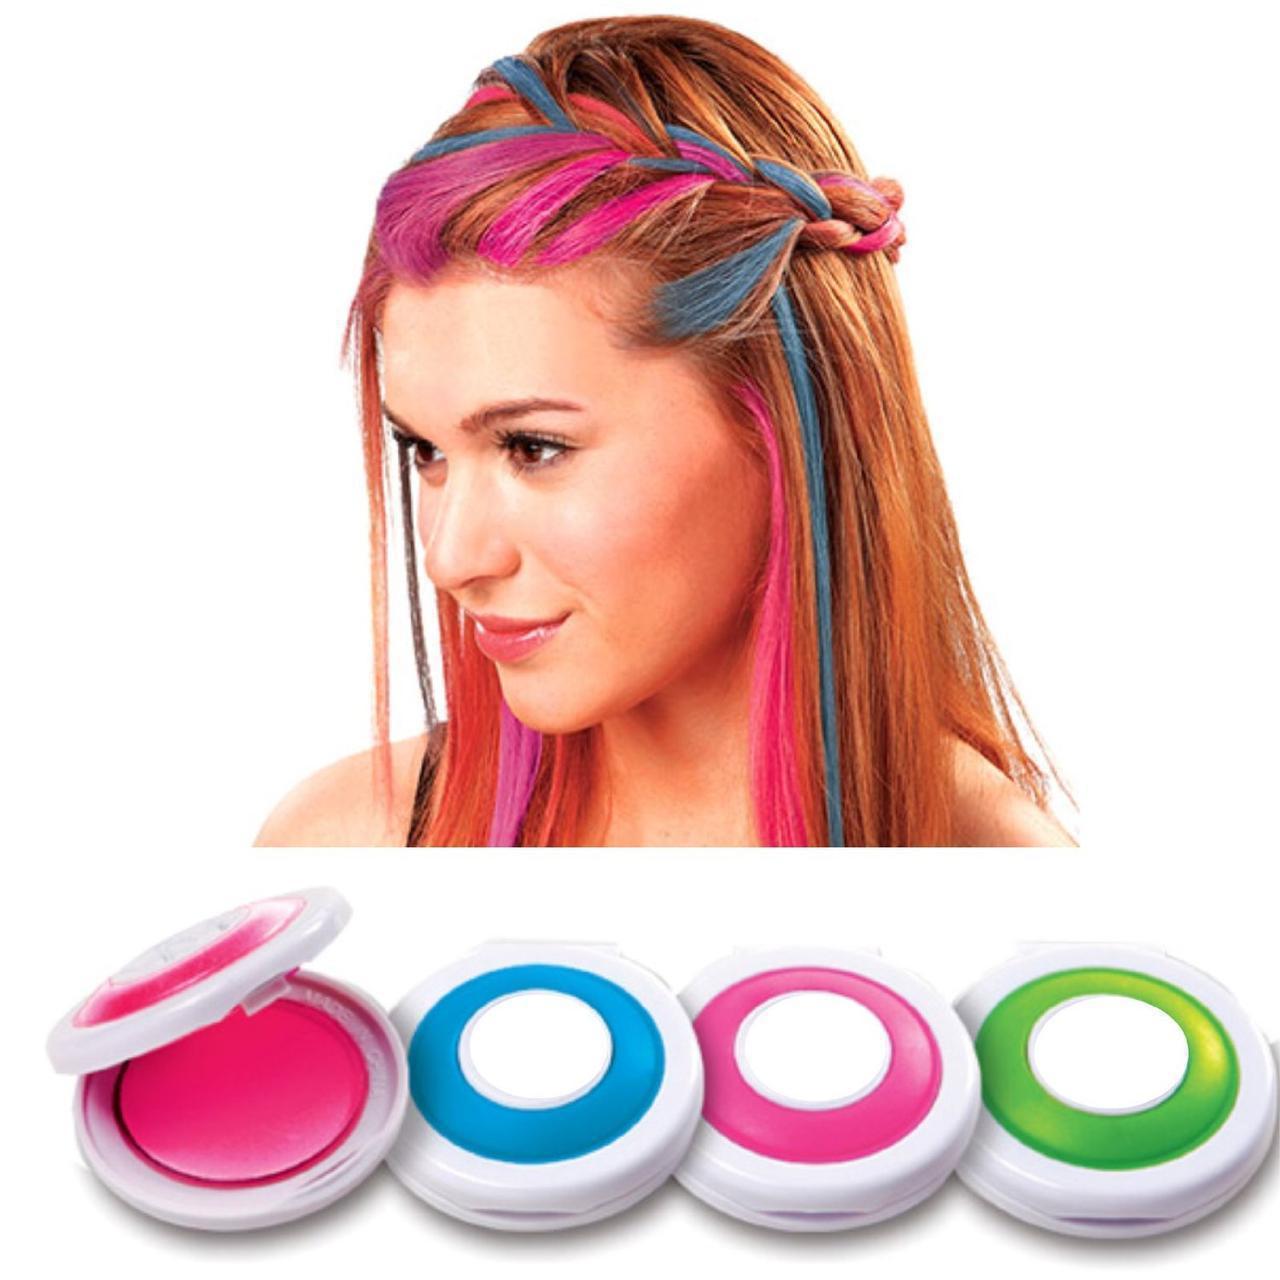 Мелки для волос Hot Huez 4 цвета, цветные мелки для окрашивания волос цветная пудра    крейда для волосся (ST)